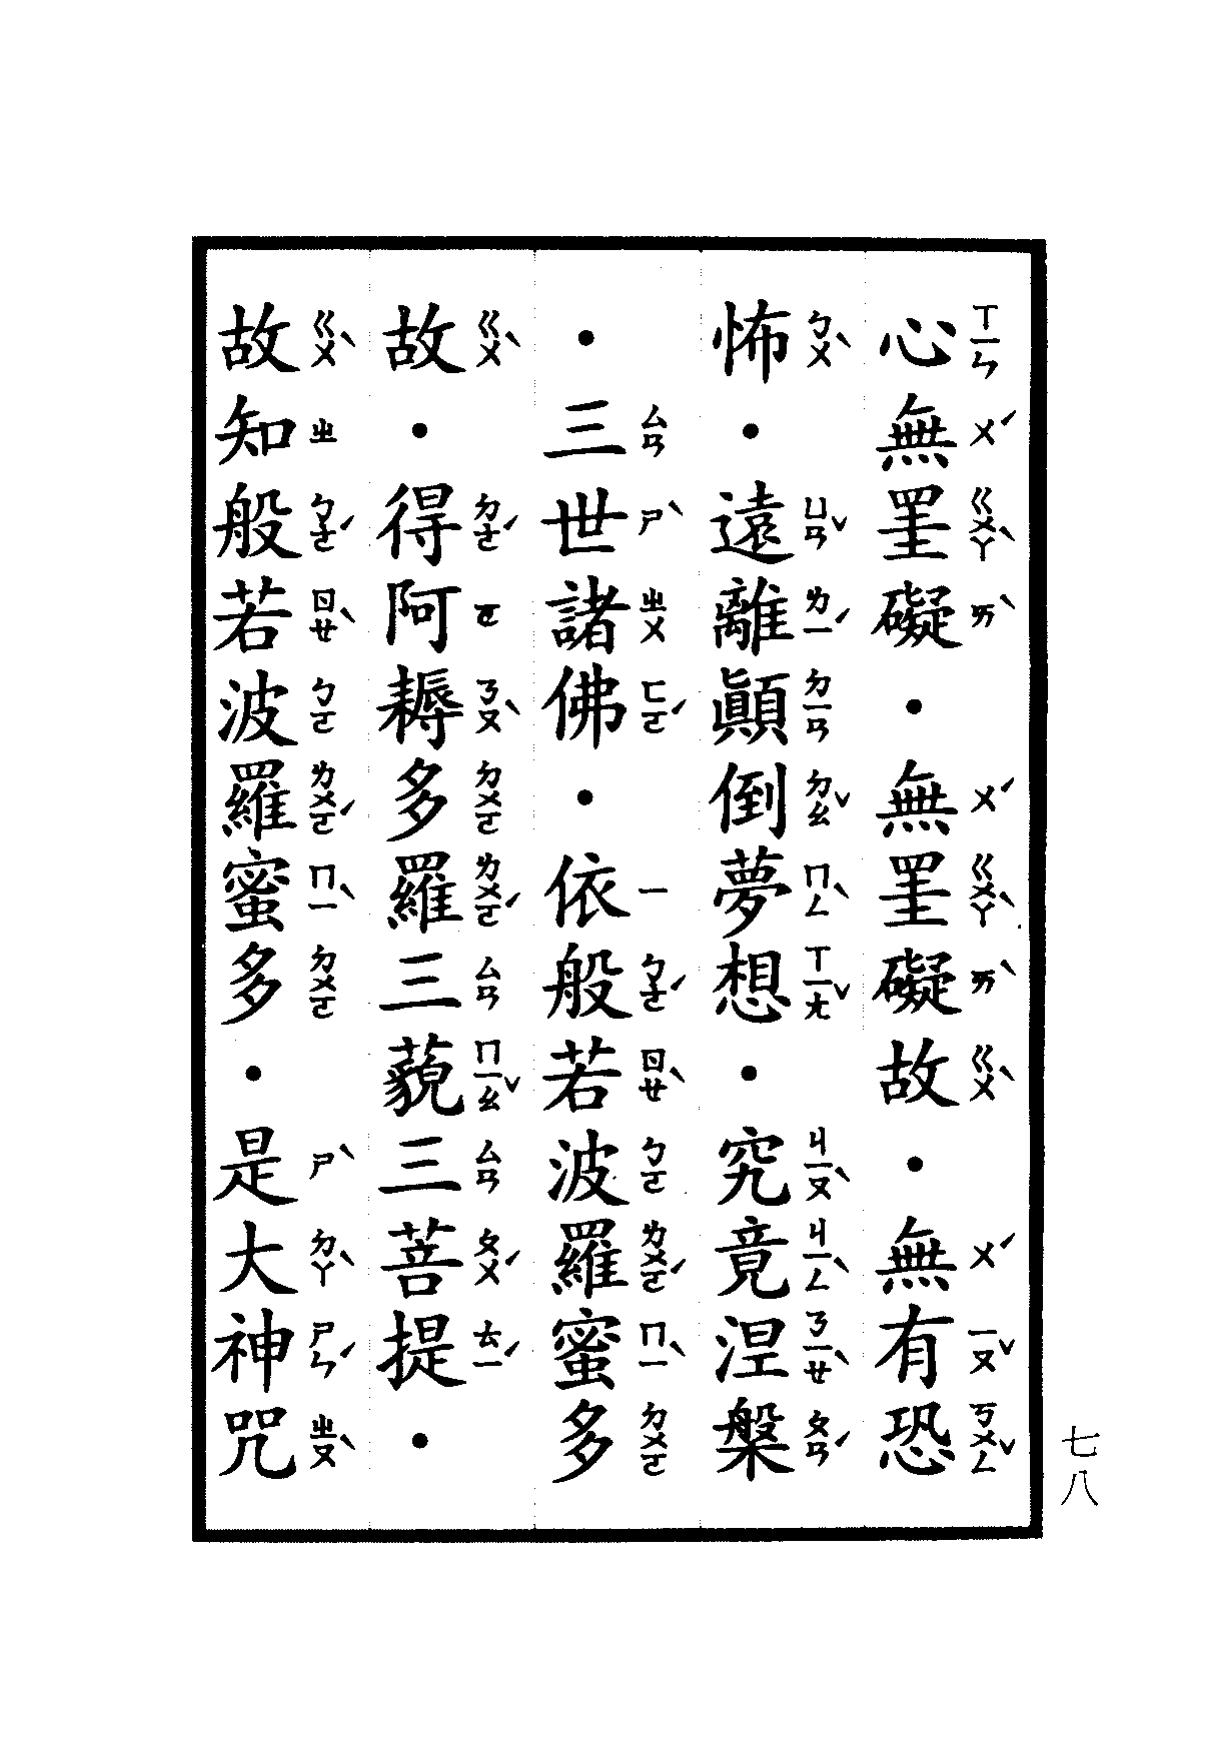 楞嚴咒-大悲咒-十小咒-易背本 84.png